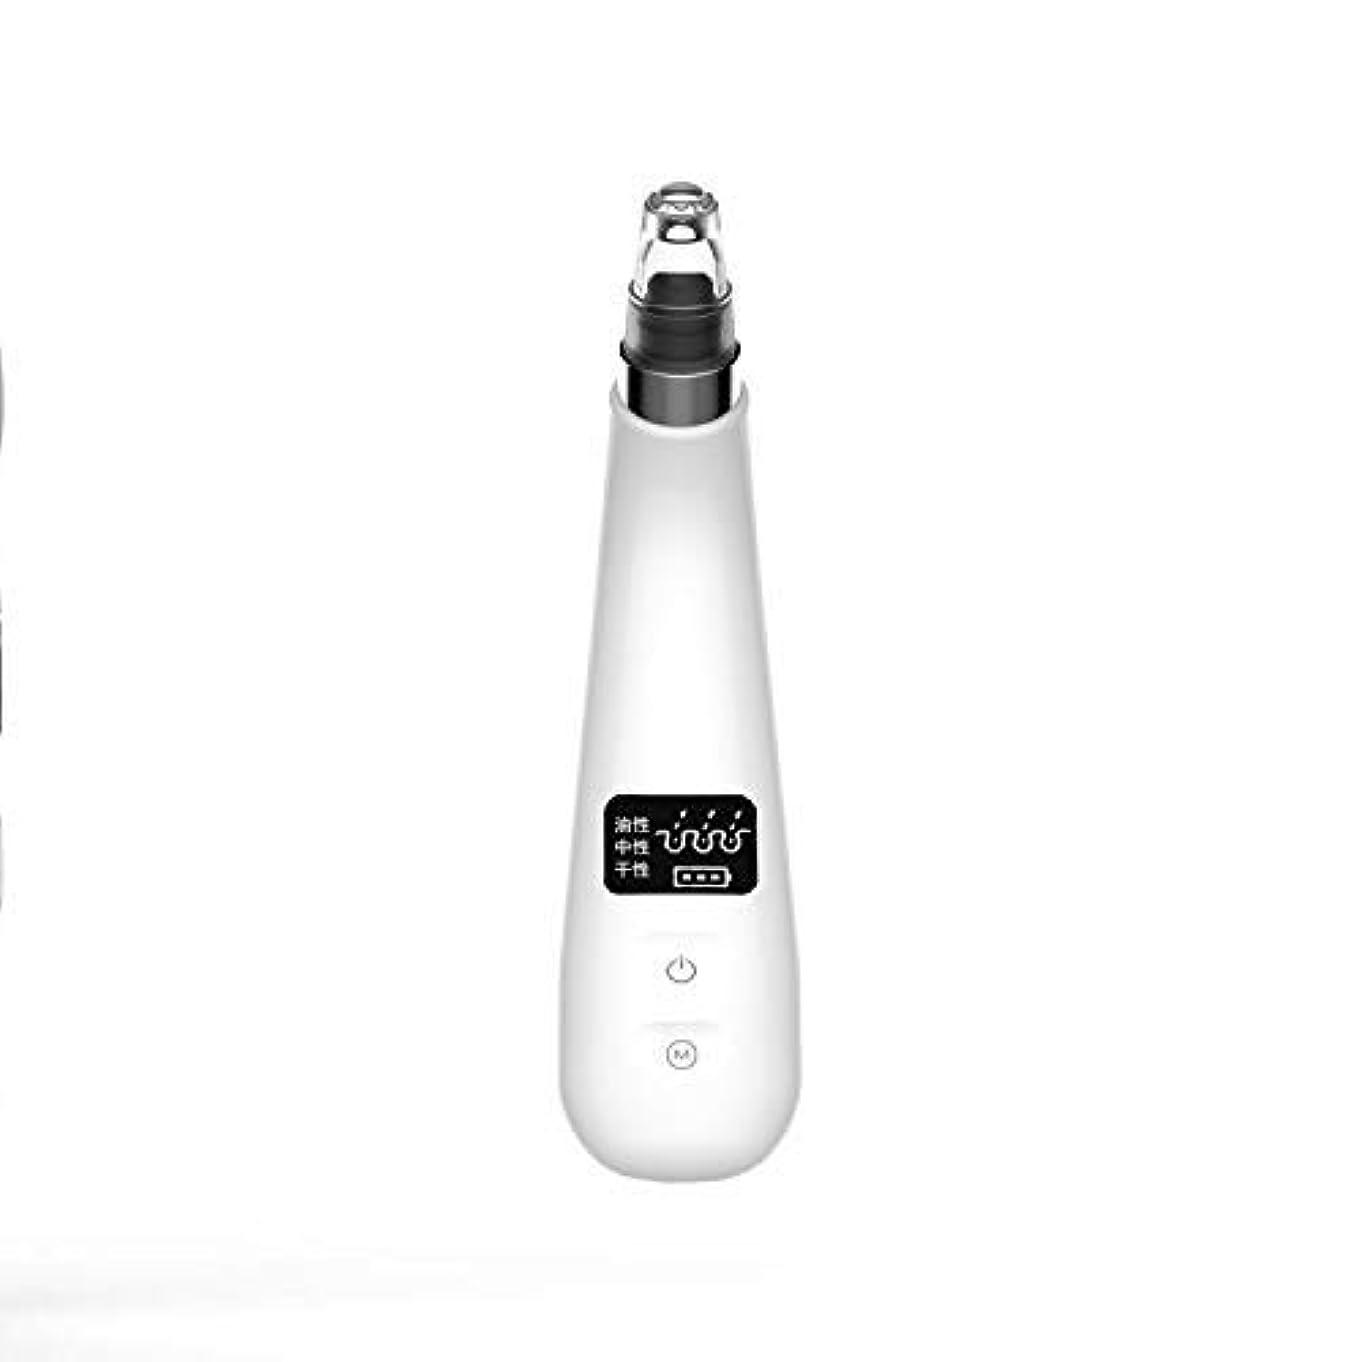 修理可能ガイドラインから聞く電気にきび楽器usb充電式ポータブル顔の毛穴クリーニング美容機器にきびコメドーン真空吸引リムーバー